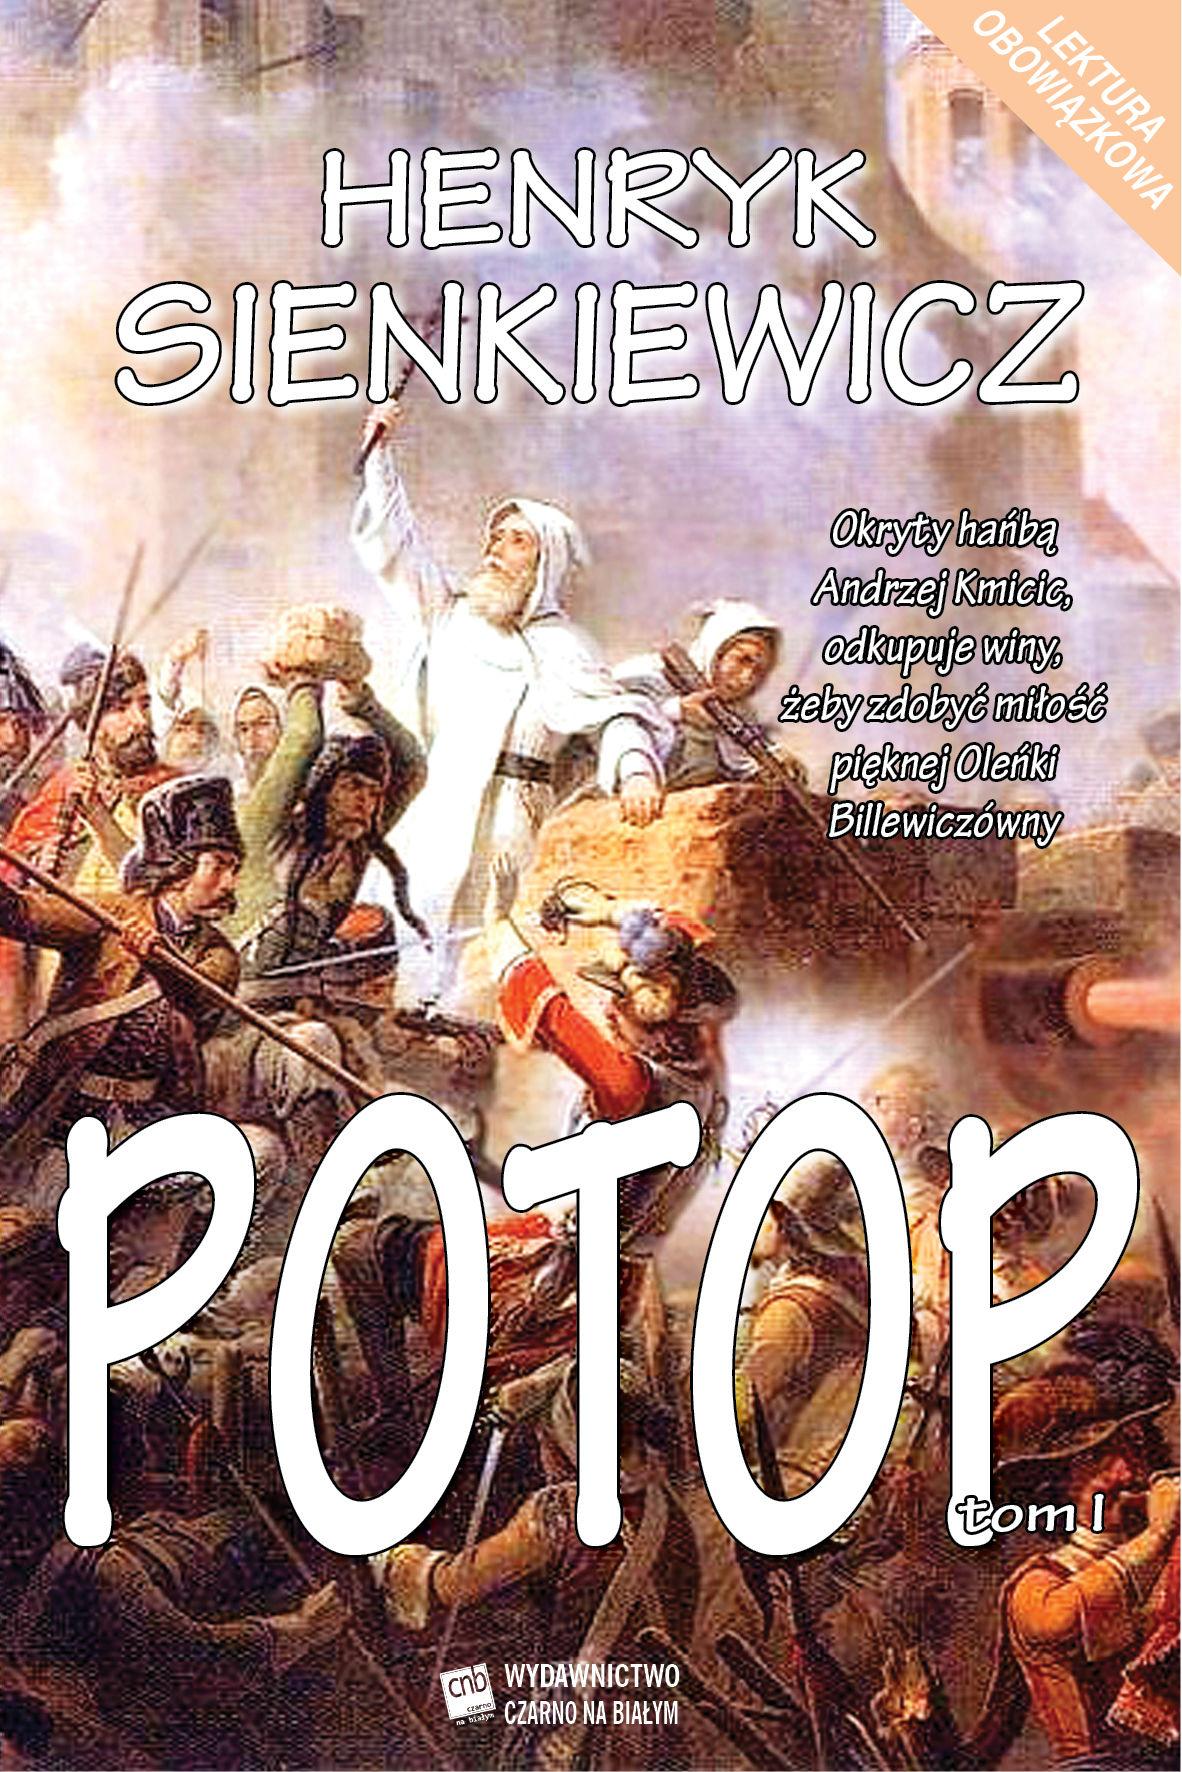 Potop - tom I - Henryk Sienkiewicz - ebook